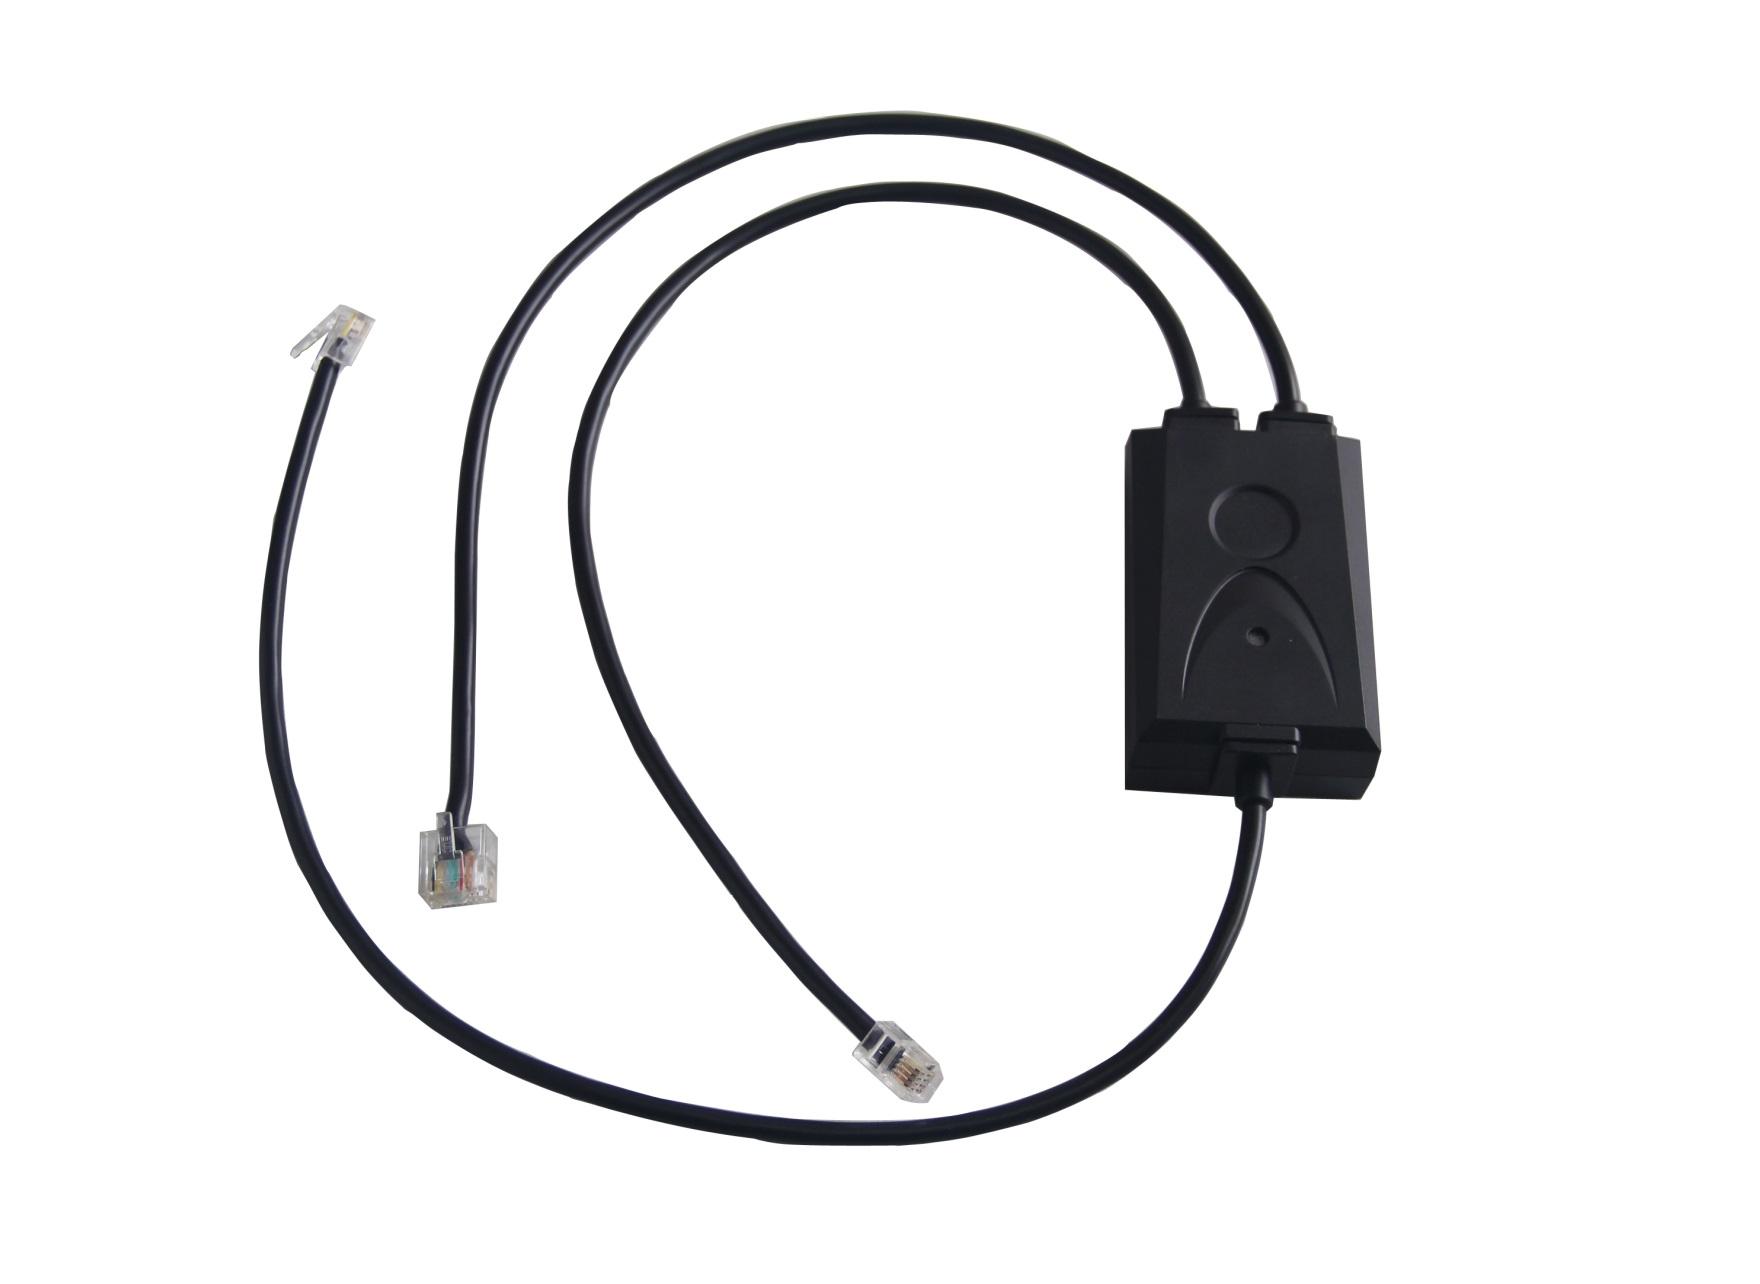 VT EHS-10 Grandstream EHS Adapter for Wireless DECT